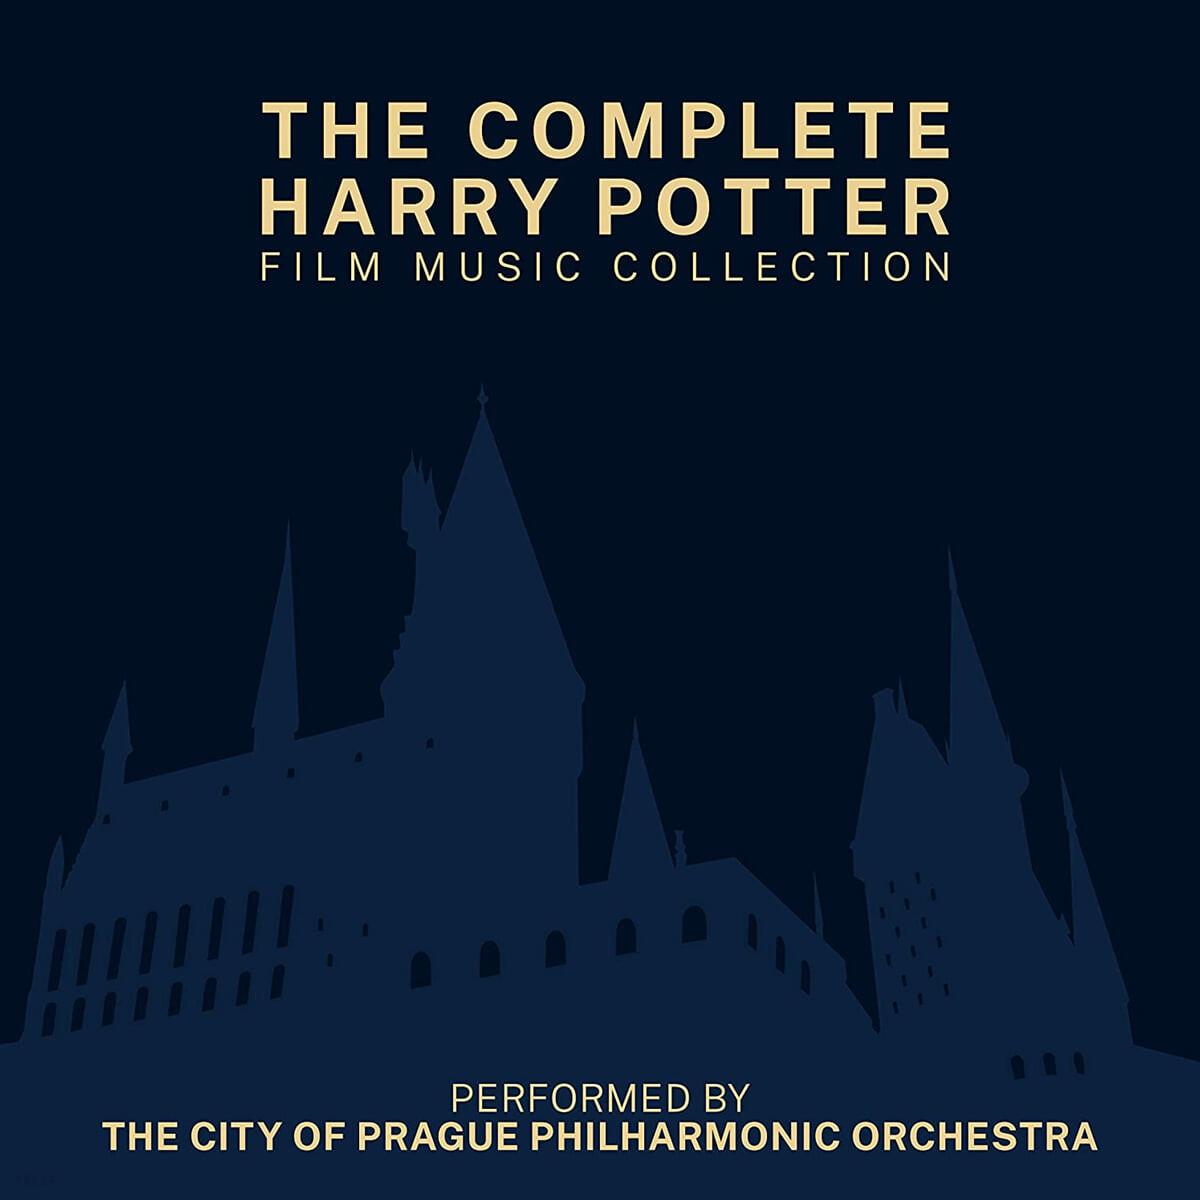 해리 포터 영화음악 전곡 모음집 (The Complete Harry Potter Film Music Collection) [화이트 컬러 3LP]